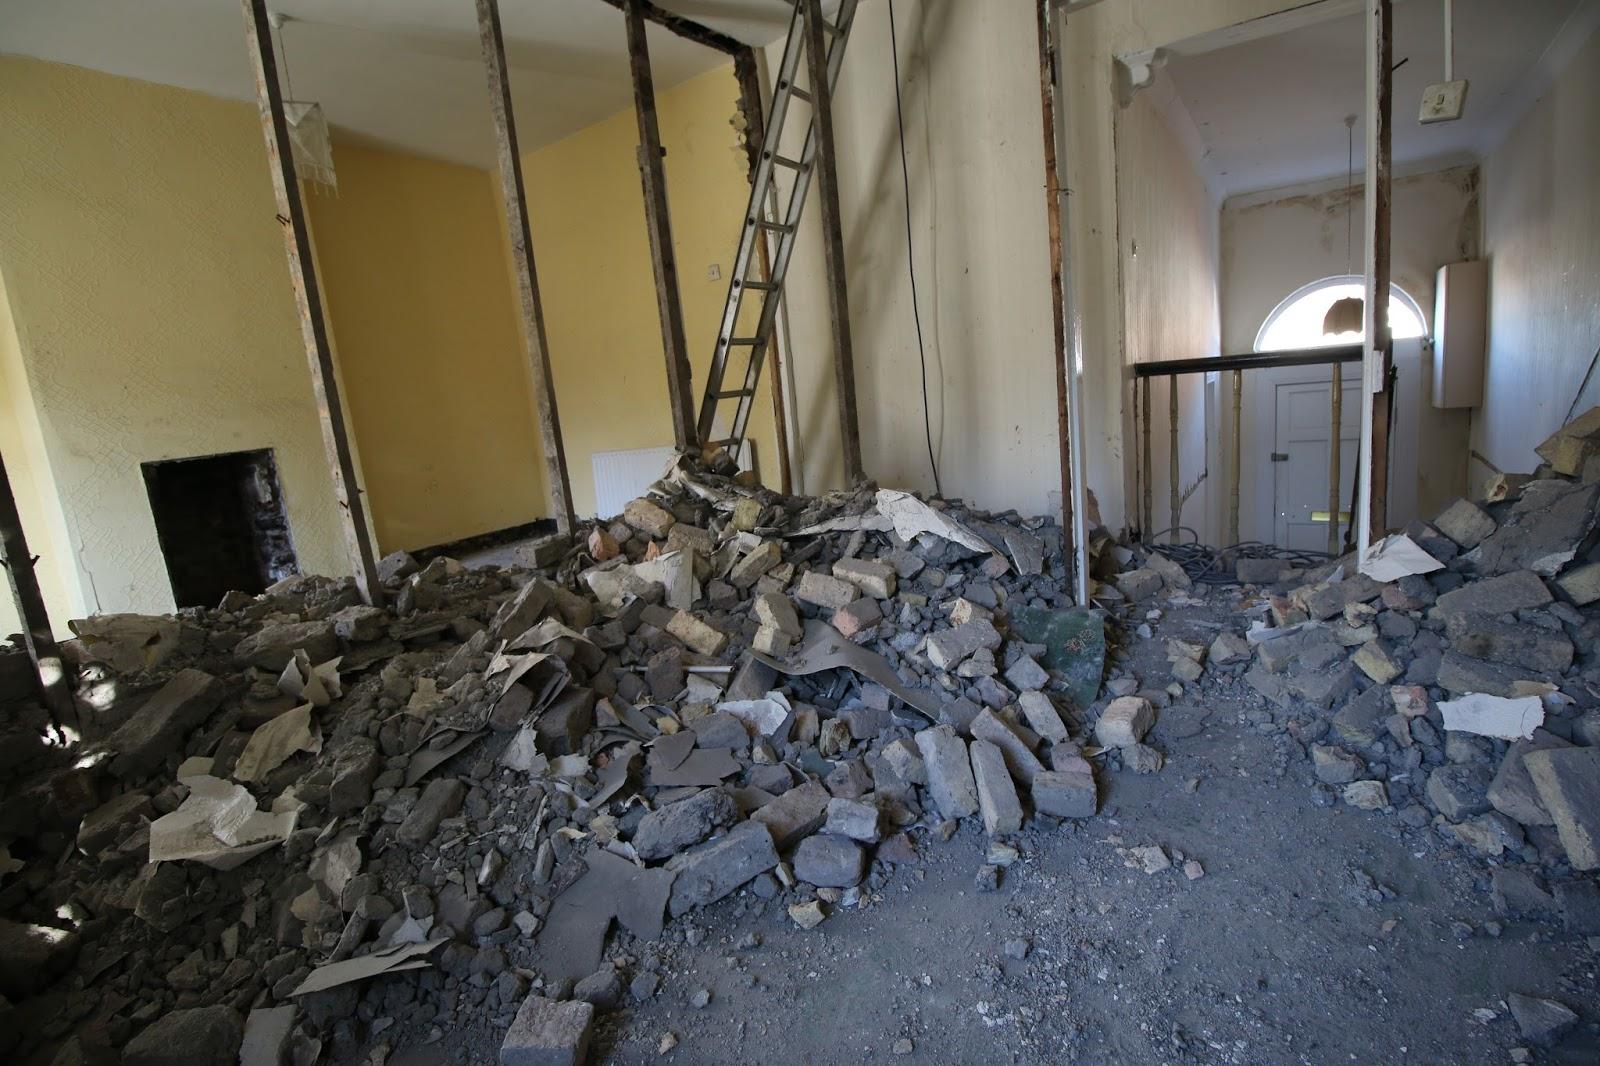 Knocking internal walls upstairs